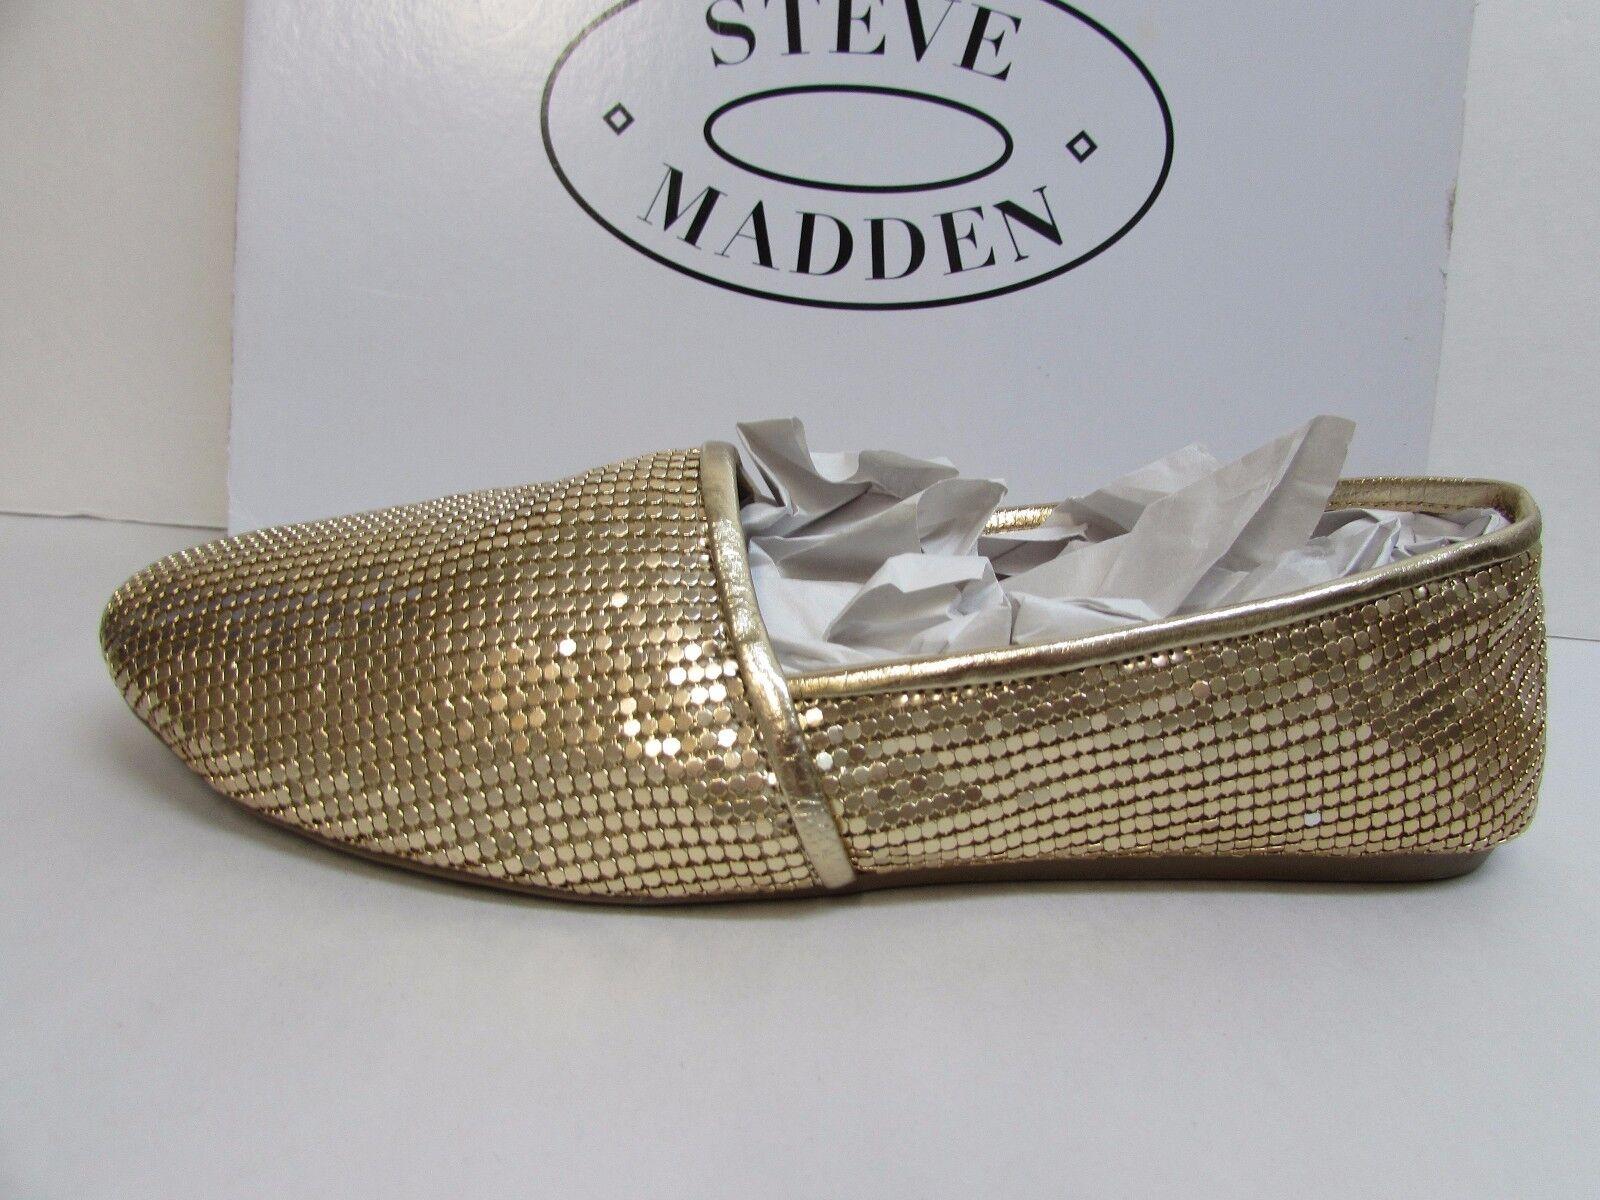 Steve Gold Madden Größe 7.5 M Gold Steve Loafers New Damenschuhe Schuhes 7ec70a